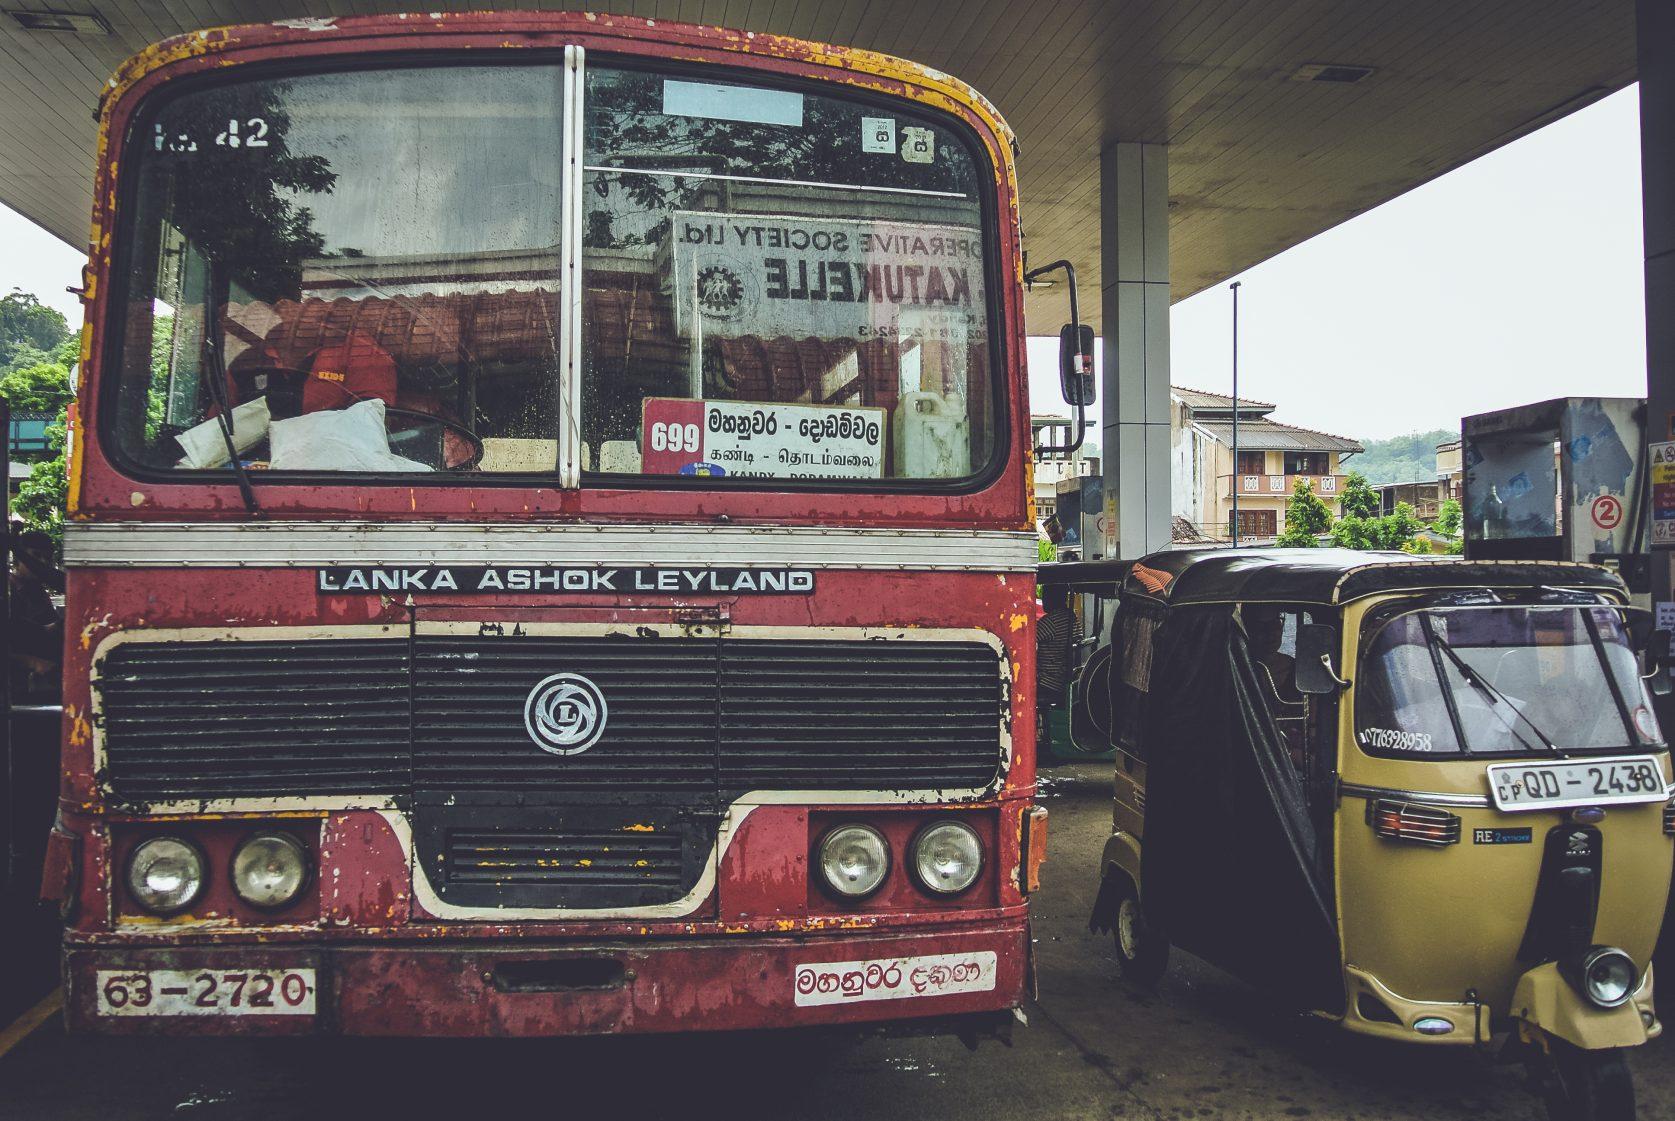 Je reist altijd met van die standaarttt toeristenbussen